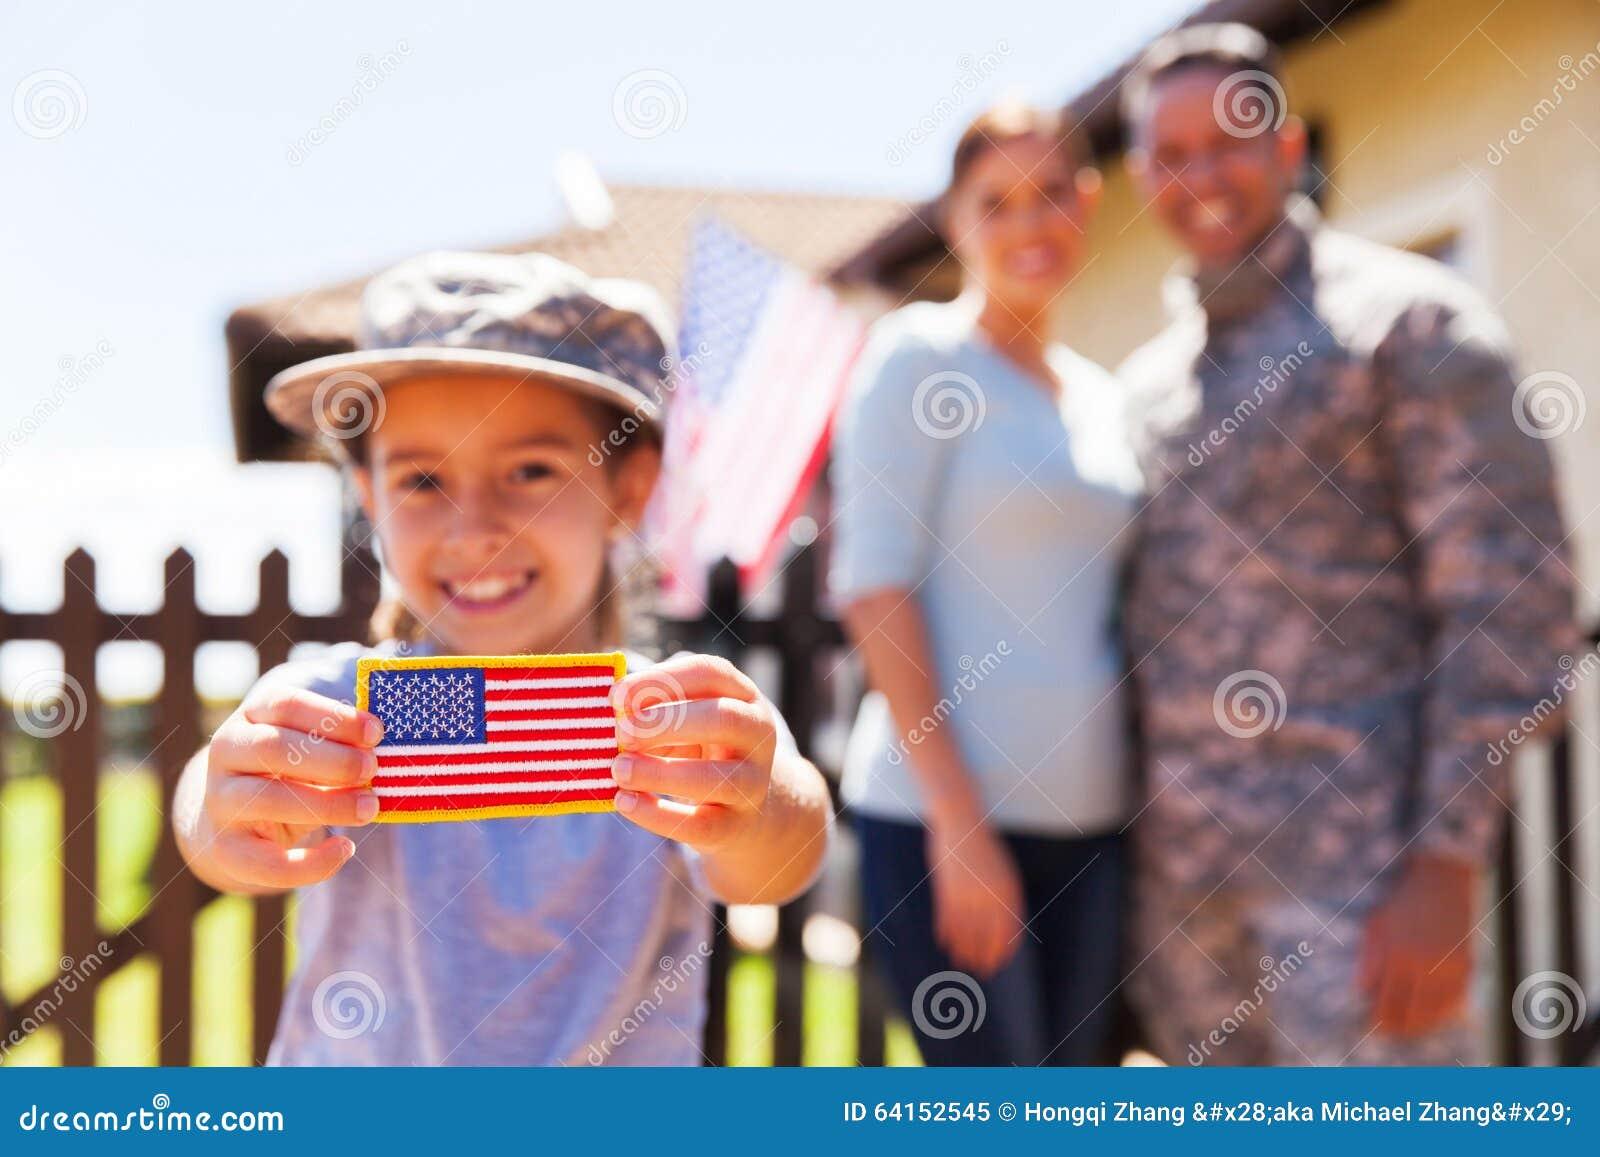 Distintivo della bandiera americana della ragazza